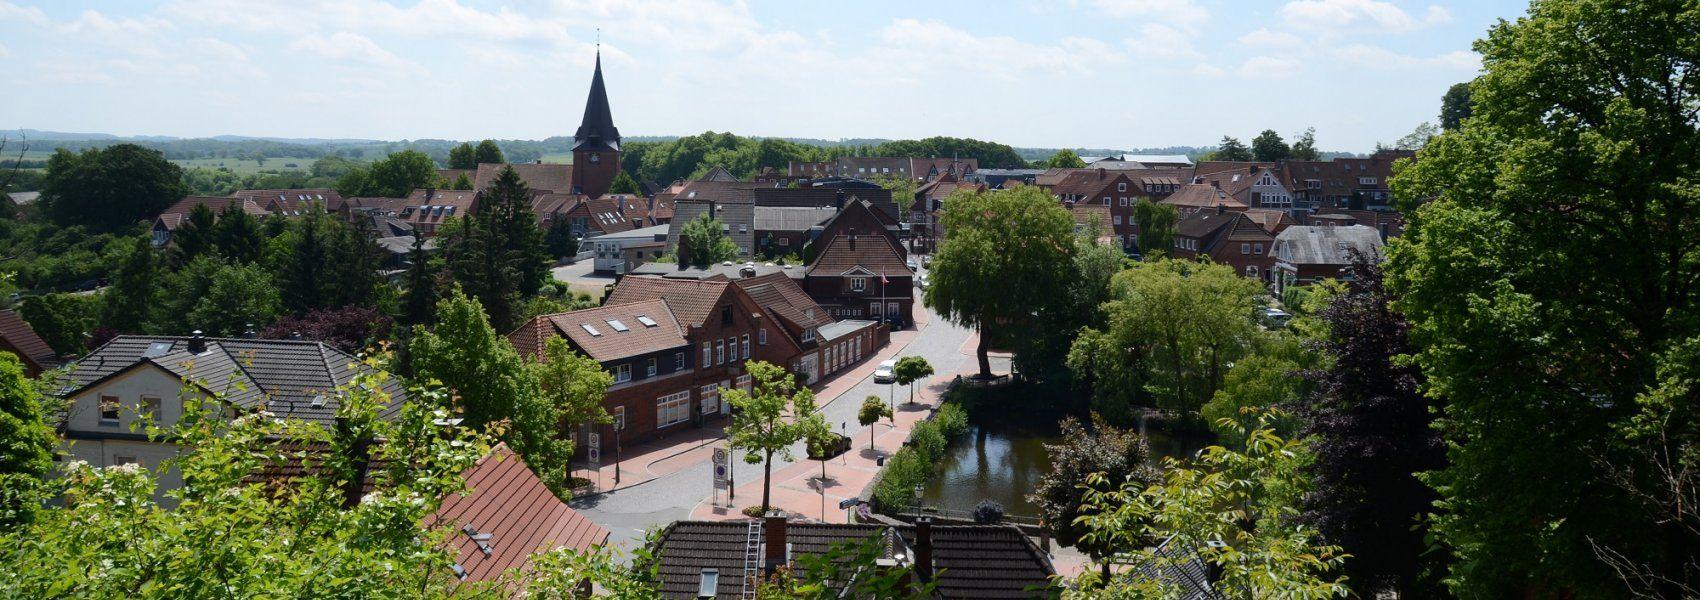 Lütjenburg Veranstaltungen